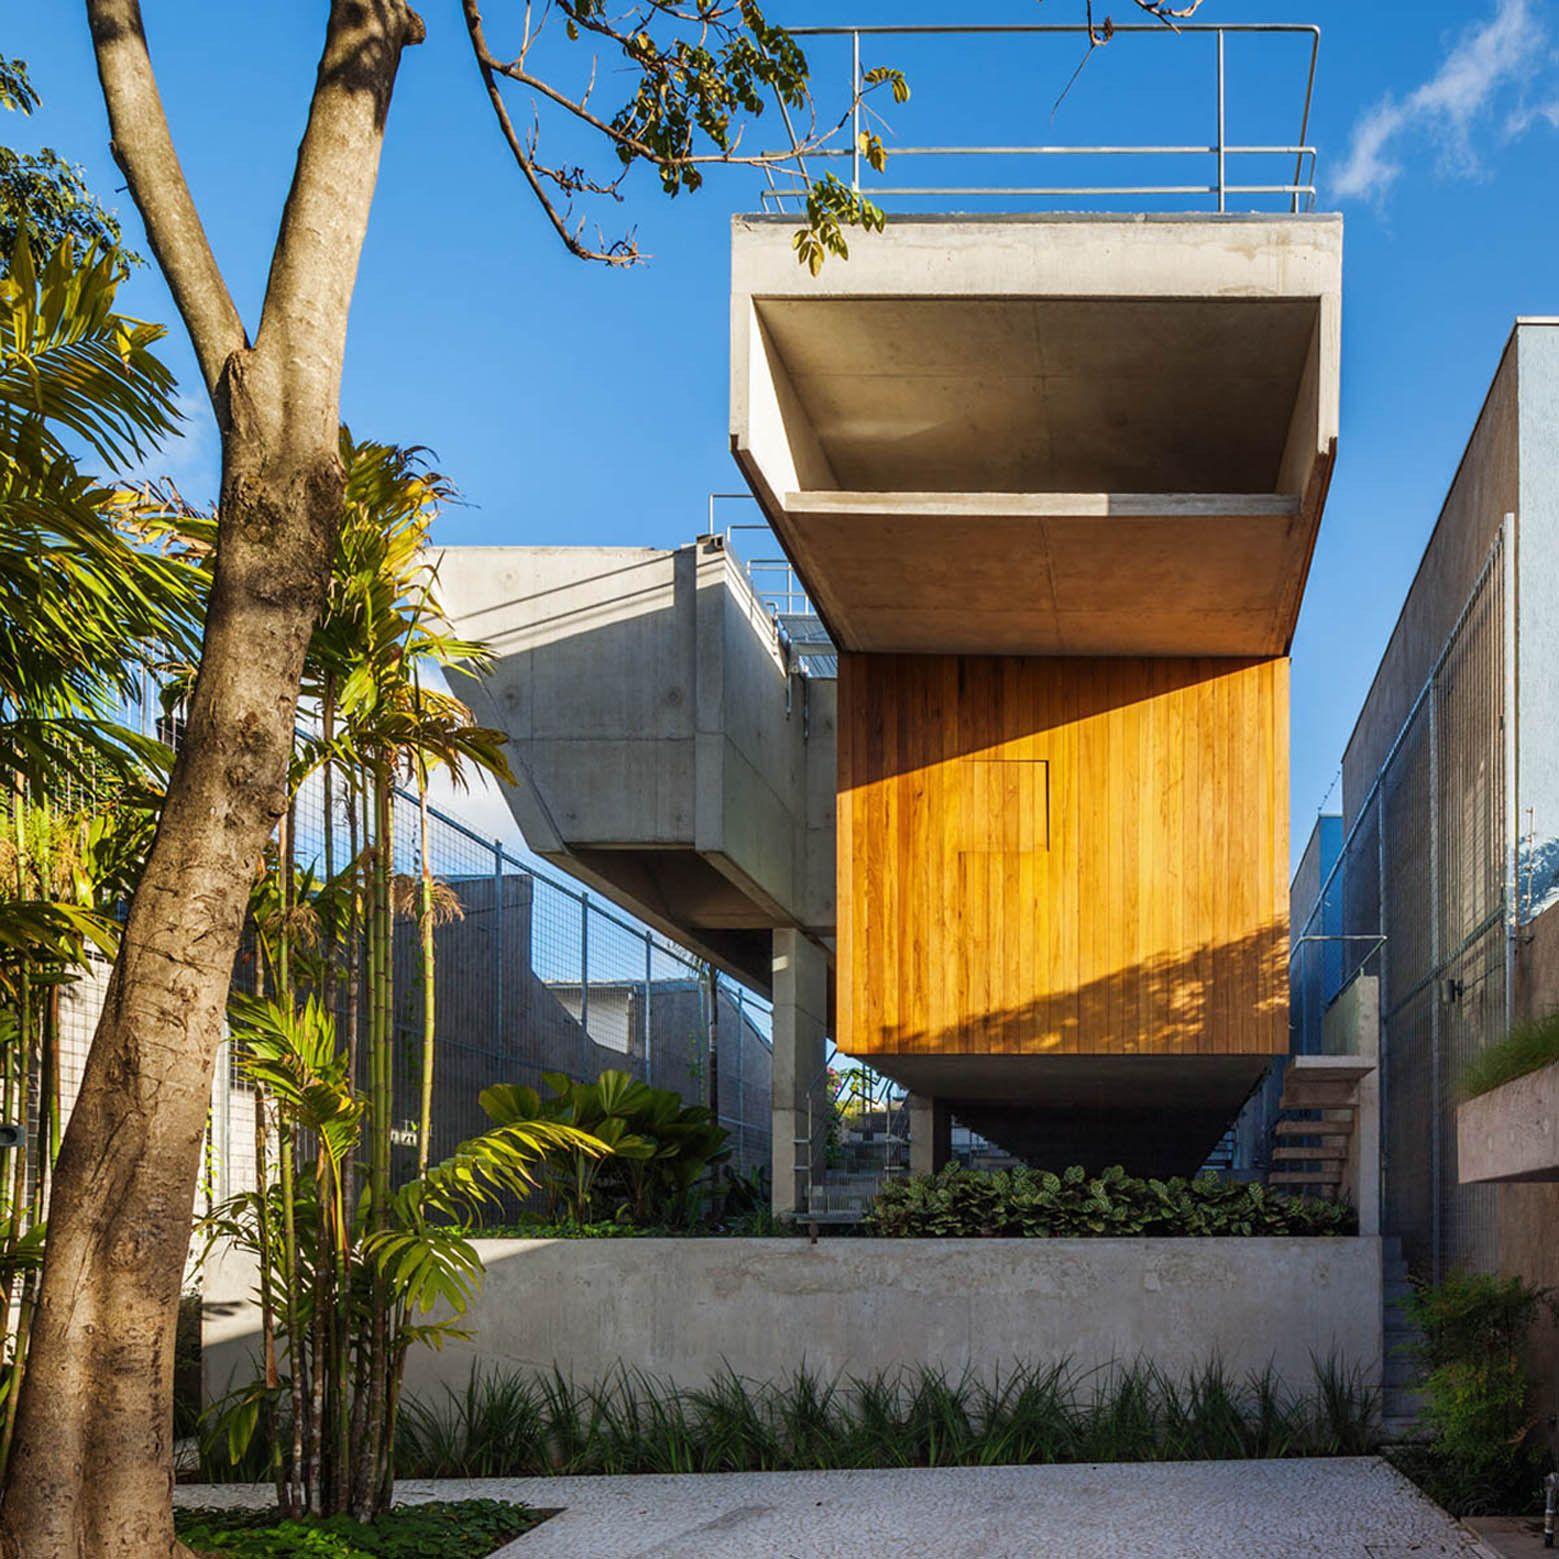 Galeria - Casa de fim de semana em São Paulo / SPBR - 6